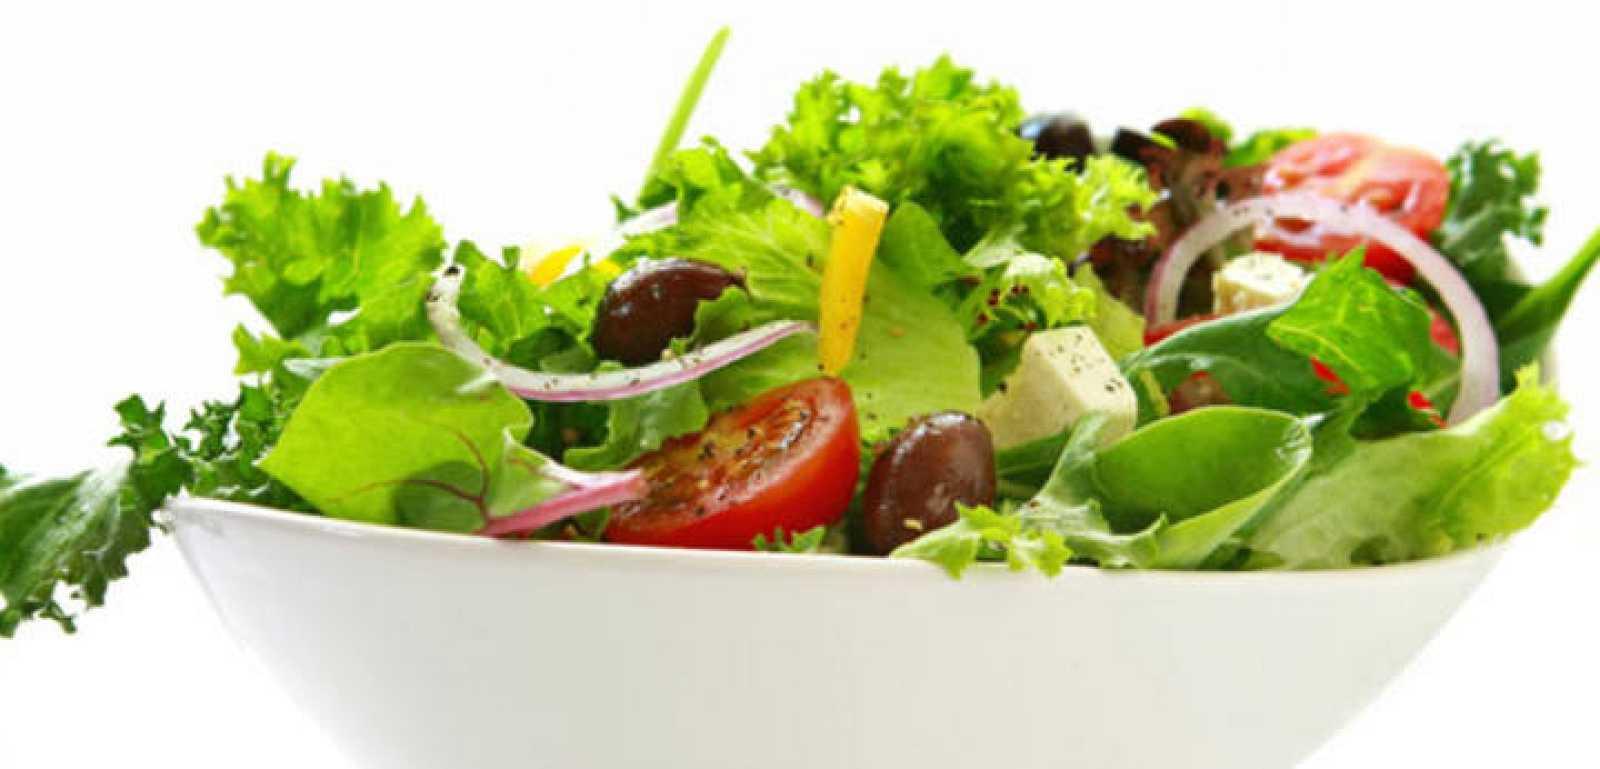 dieta naturista para bajar de peso